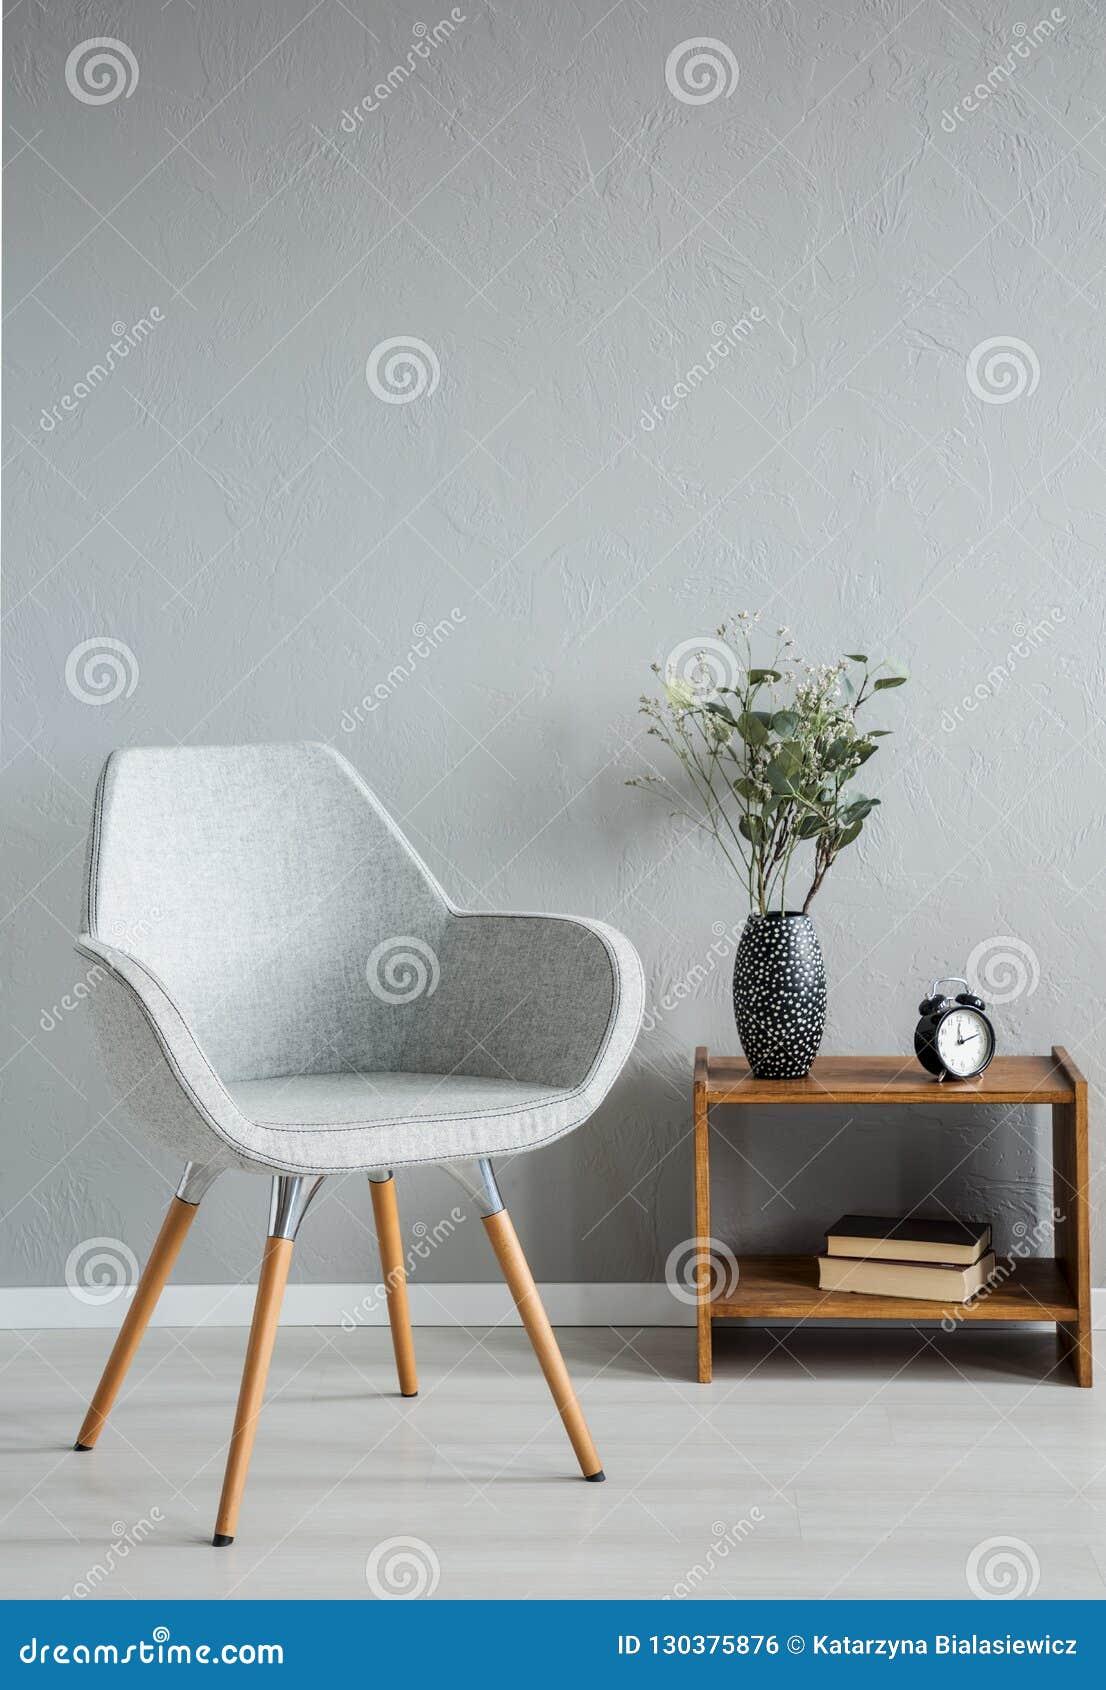 Stilfull grå stol bredvid kabinettet med vasen och blommor i den moderna kontorsinre, verkligt foto